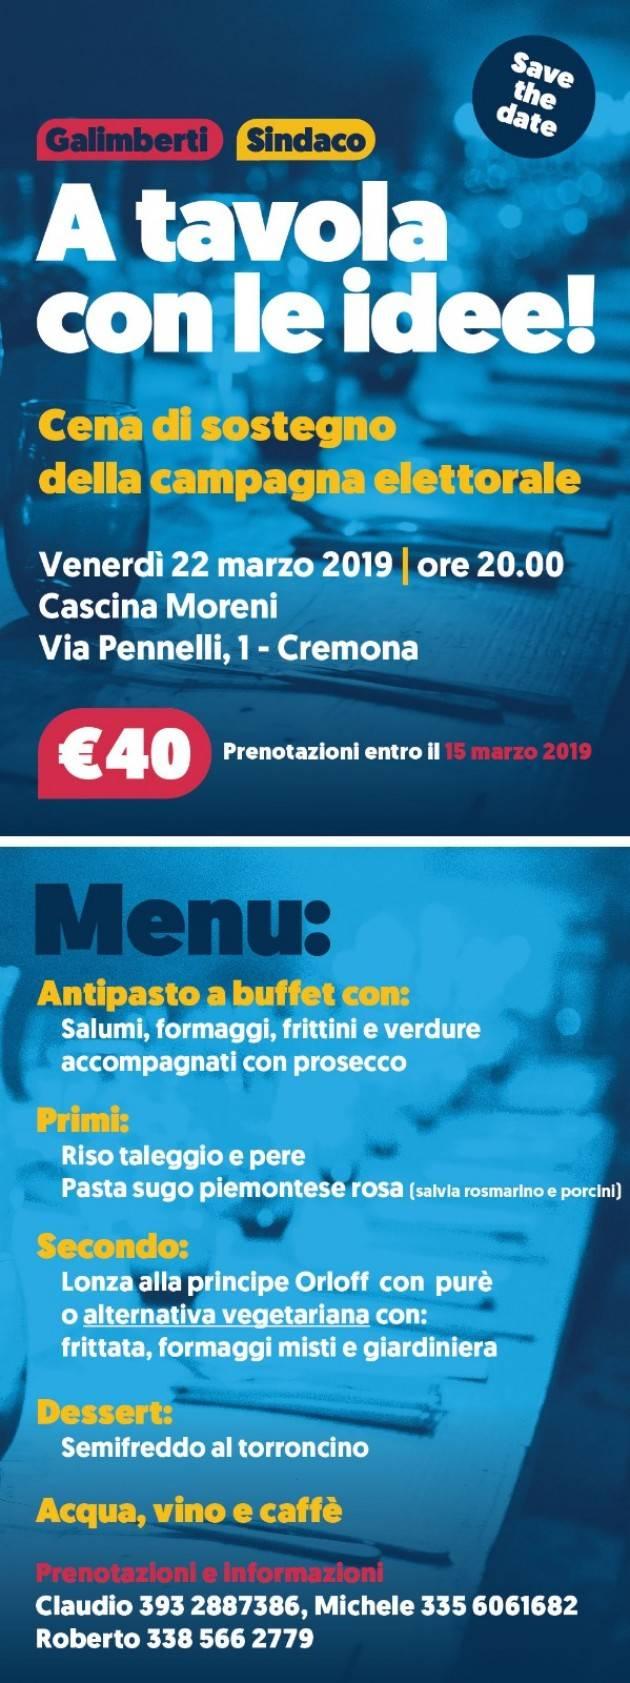 A cena  il prox 22 marzo con Gianluca Galimberti per finanziare la campagna elettorale